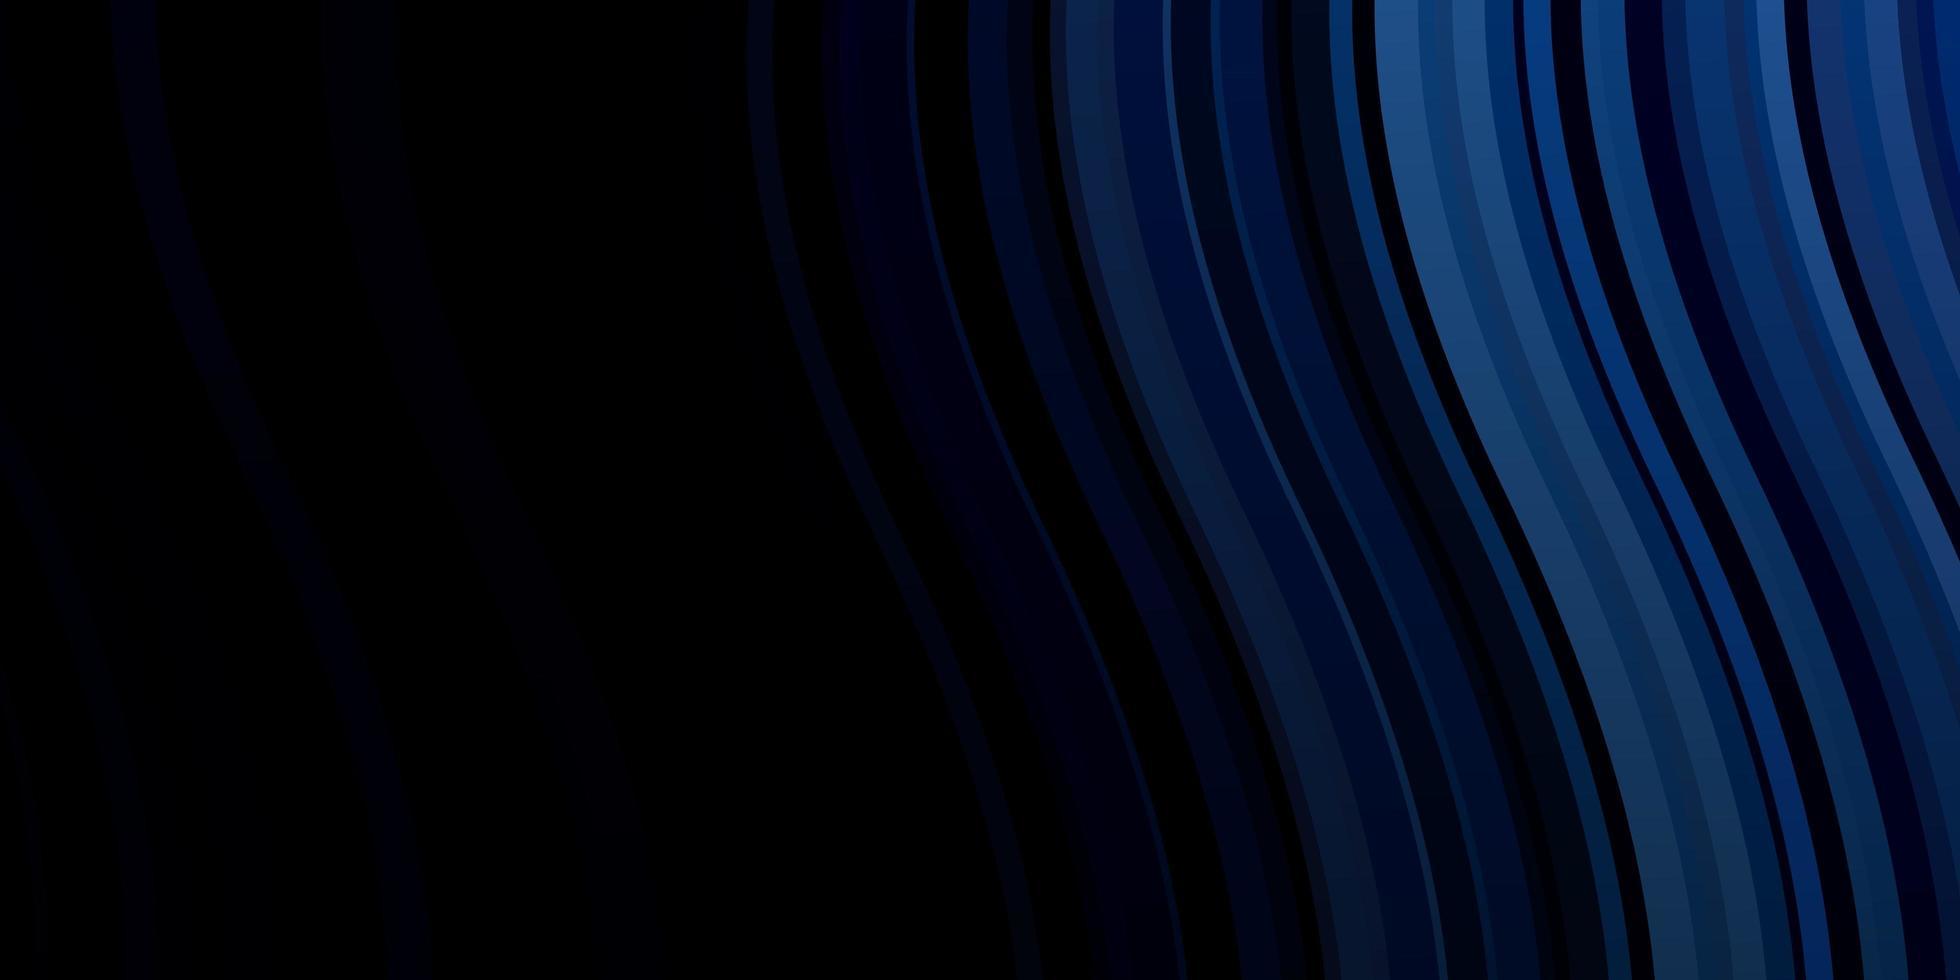 dunkelblaue Vektorschablone mit schiefen Linien. vektor